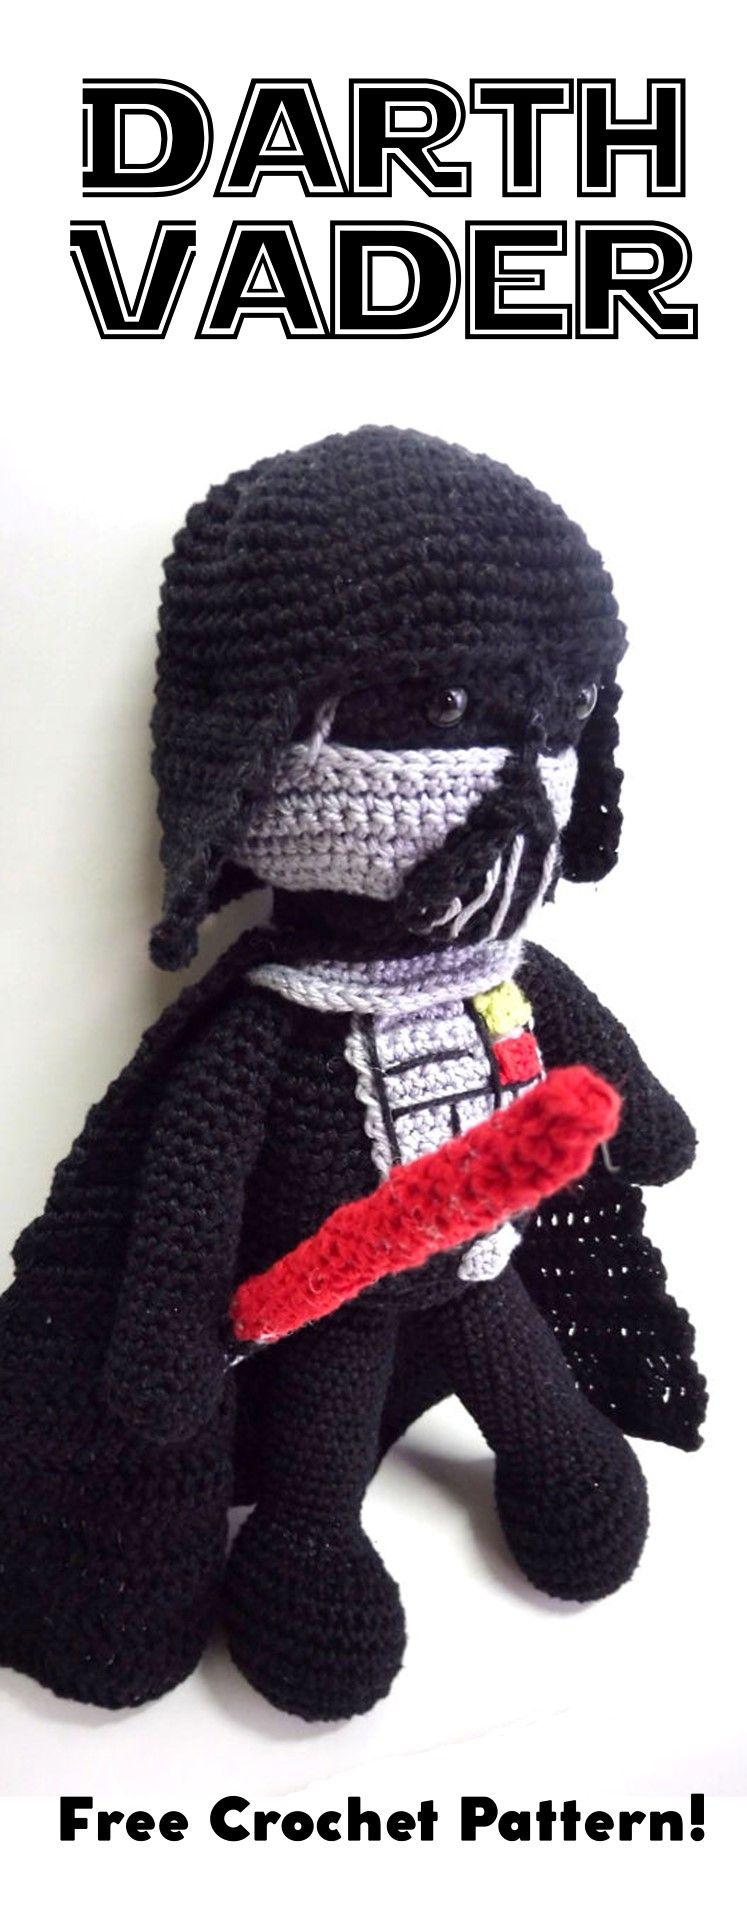 Darth Vader Amigurumi Doll: Free Crochet Pattern | Patrones ...